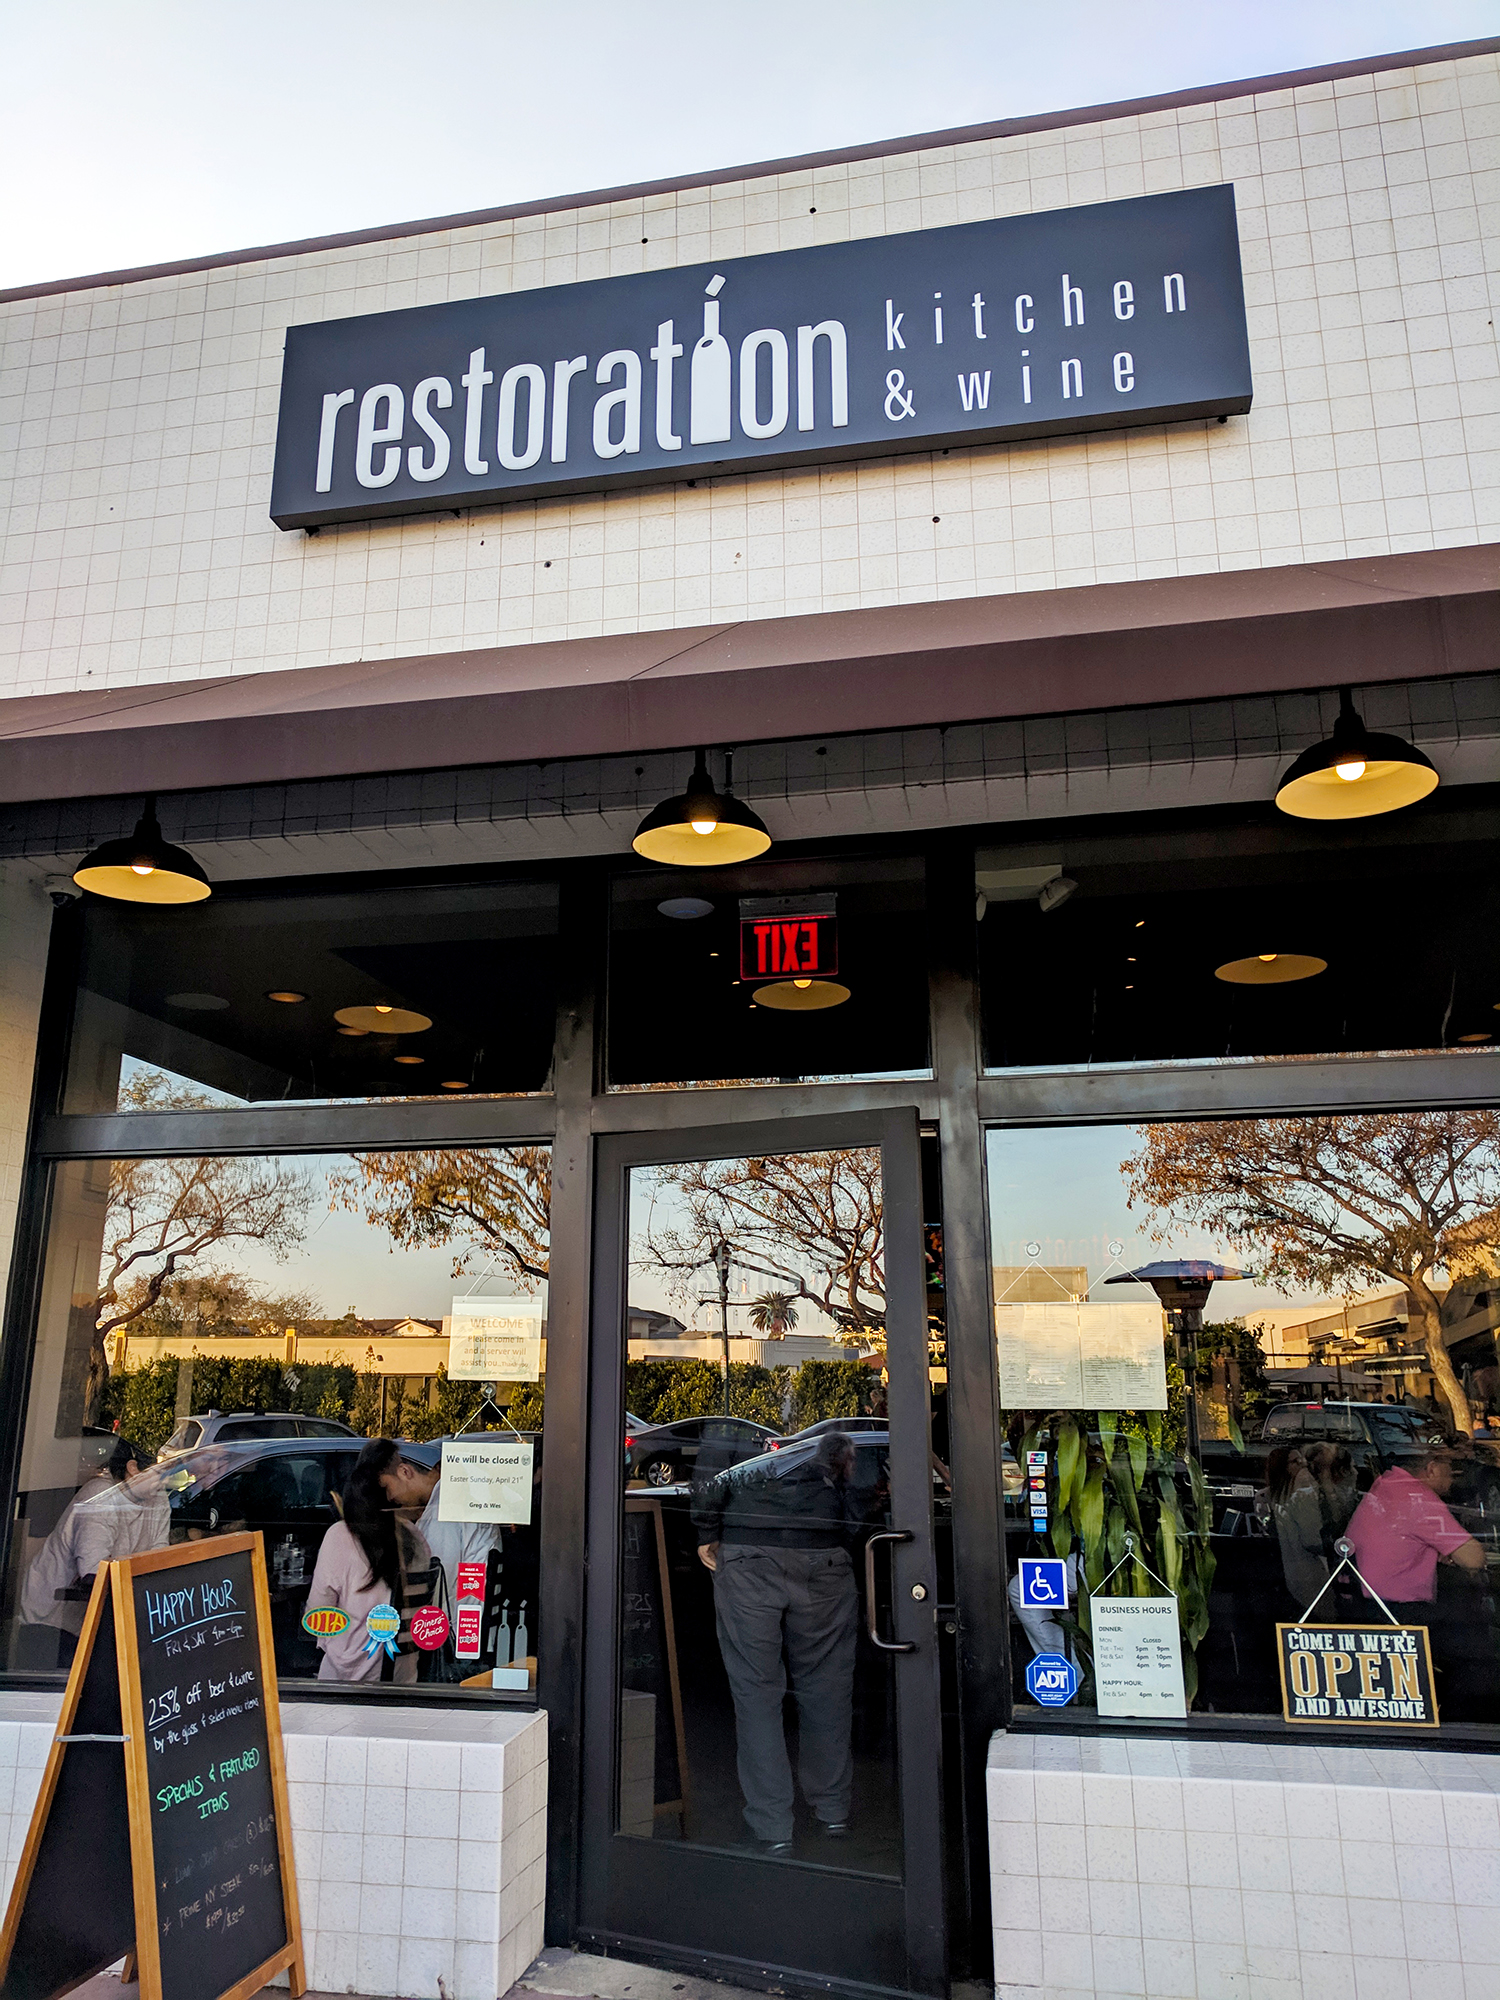 Restoration Kitchen and Bar exterior